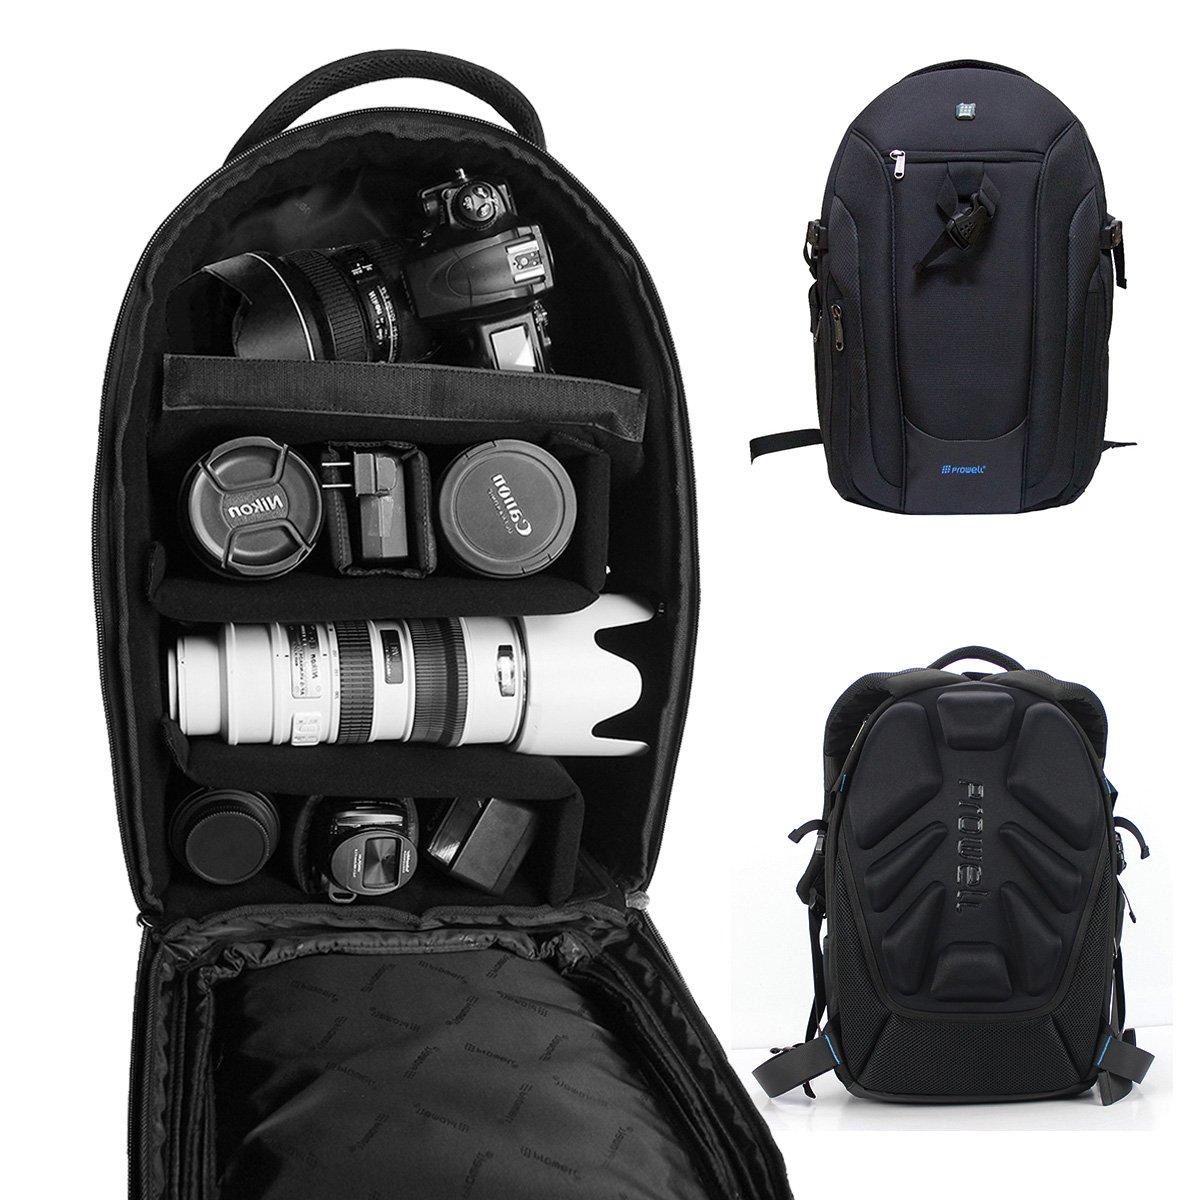 【限定特価】 DSLRカメラバックパックガジェットバッグwithディバイダー、Prowell防水旅行アウトドアバックパックforカメラ、レンズ、17 B07CWZ9H5B